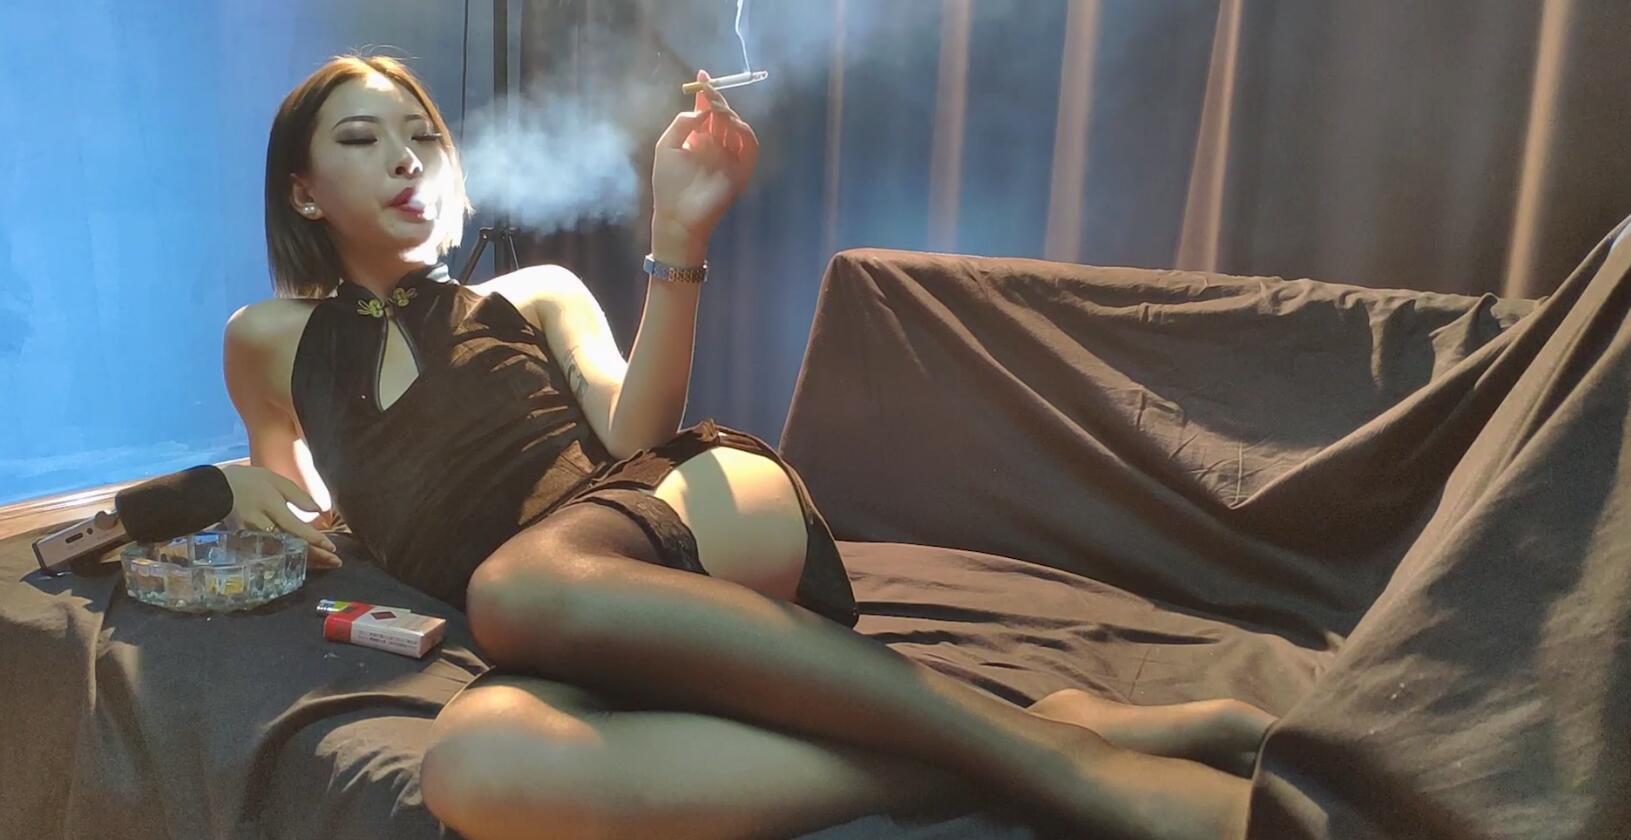 可爱又性感的小美女沙发侧躺抽烟